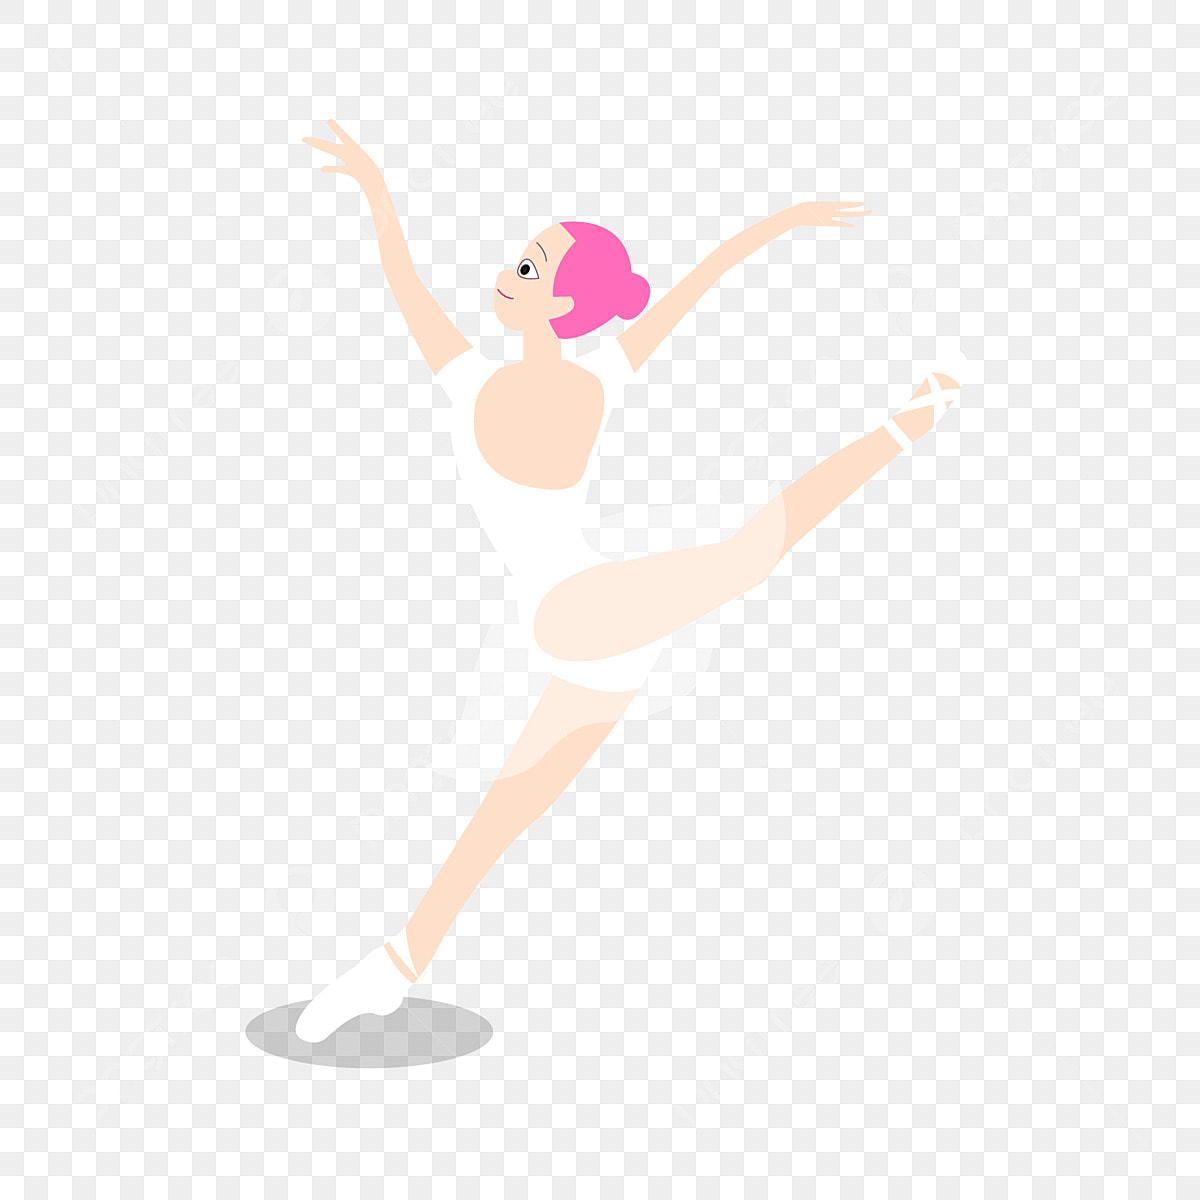 Caricatura Mao Desenhado Bailarino Bale Dancar Ilustracao Mao Dos